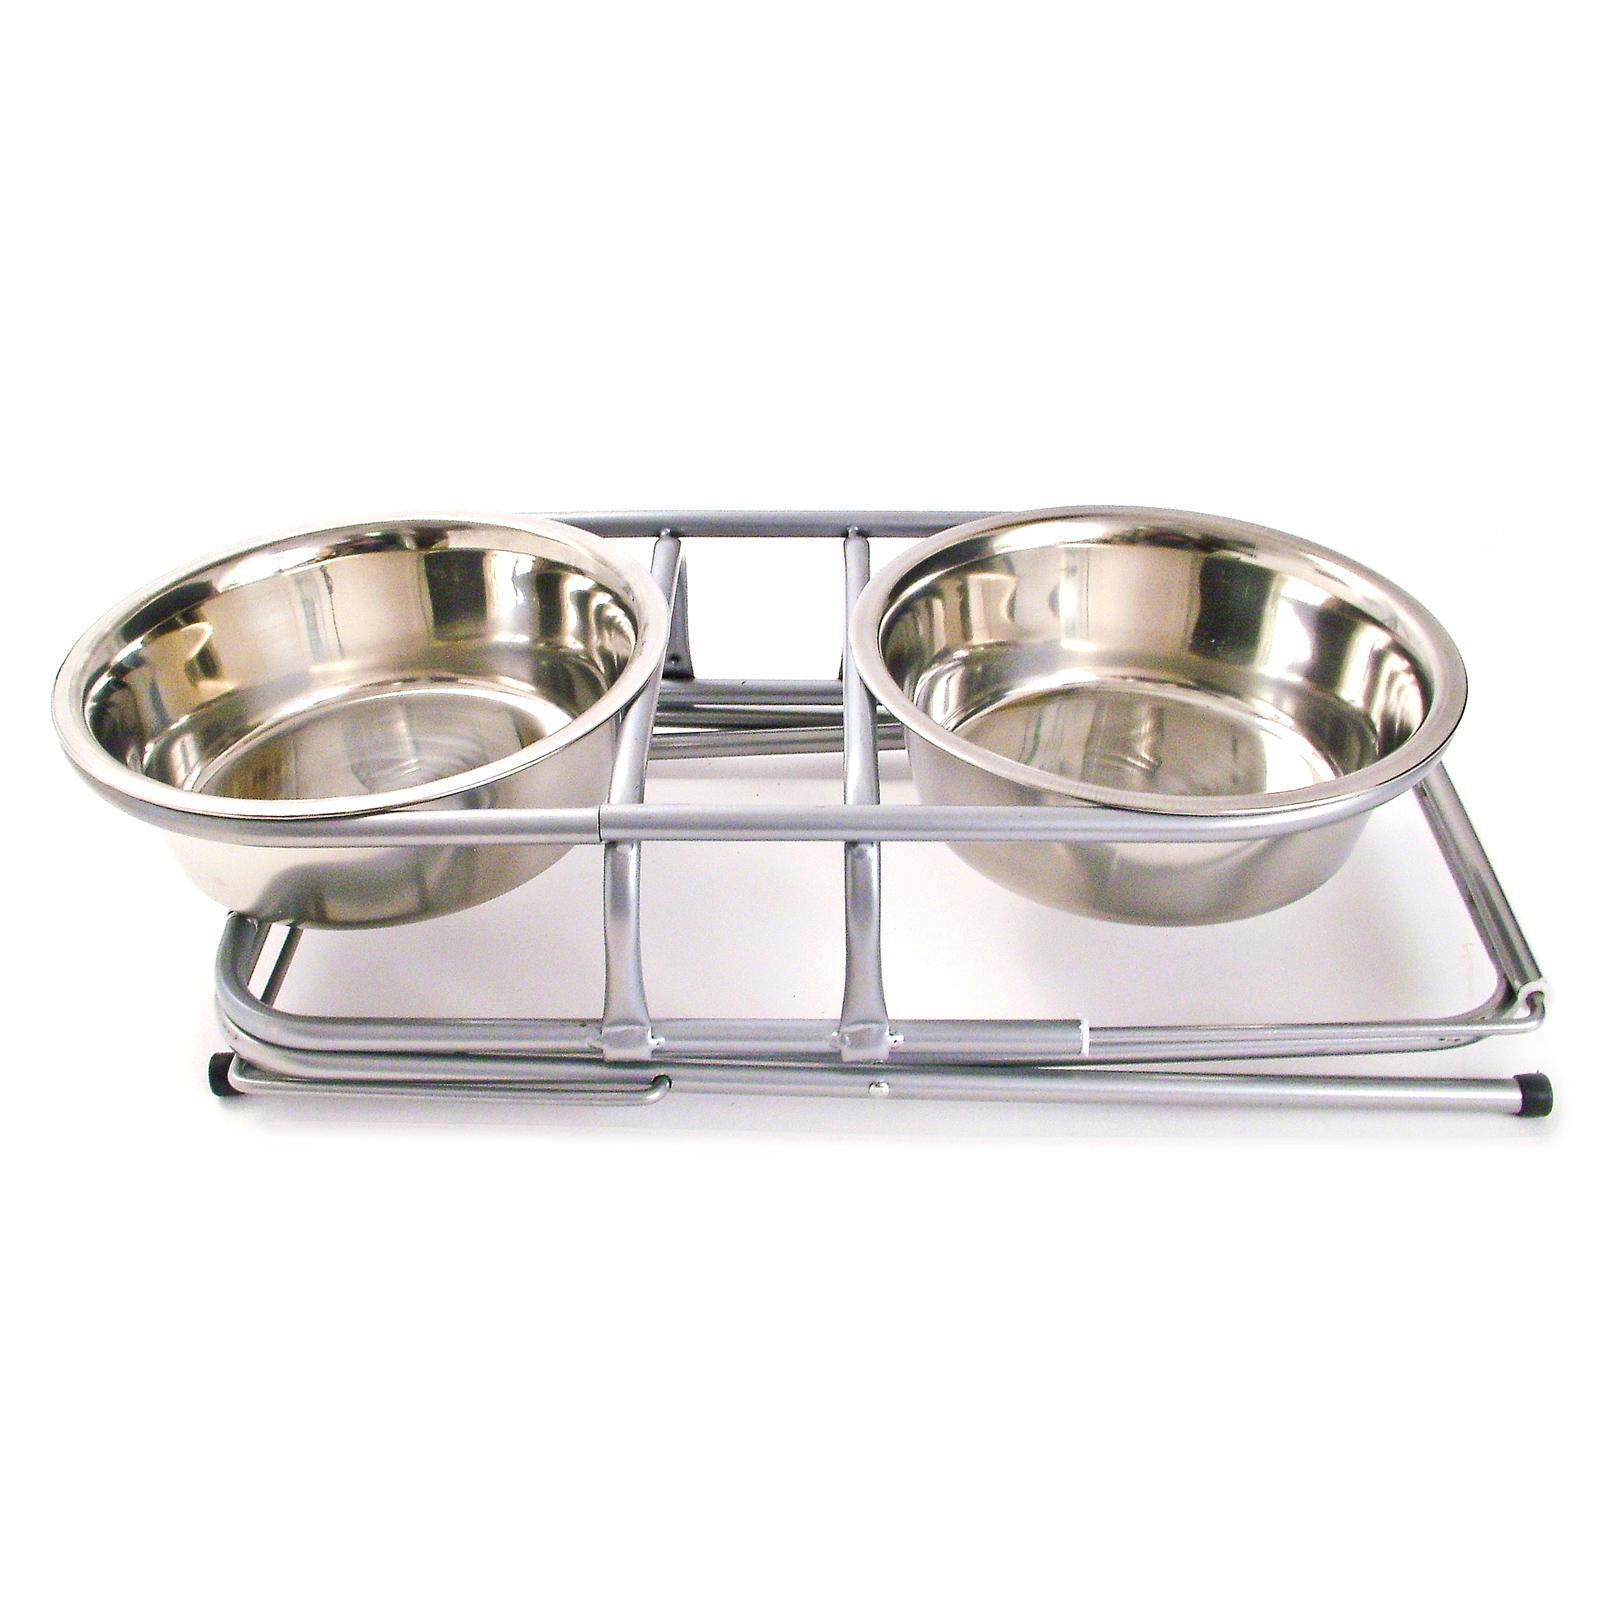 2 Raised 900ml Dog Bowls Stand Elevated Feeding Feeder